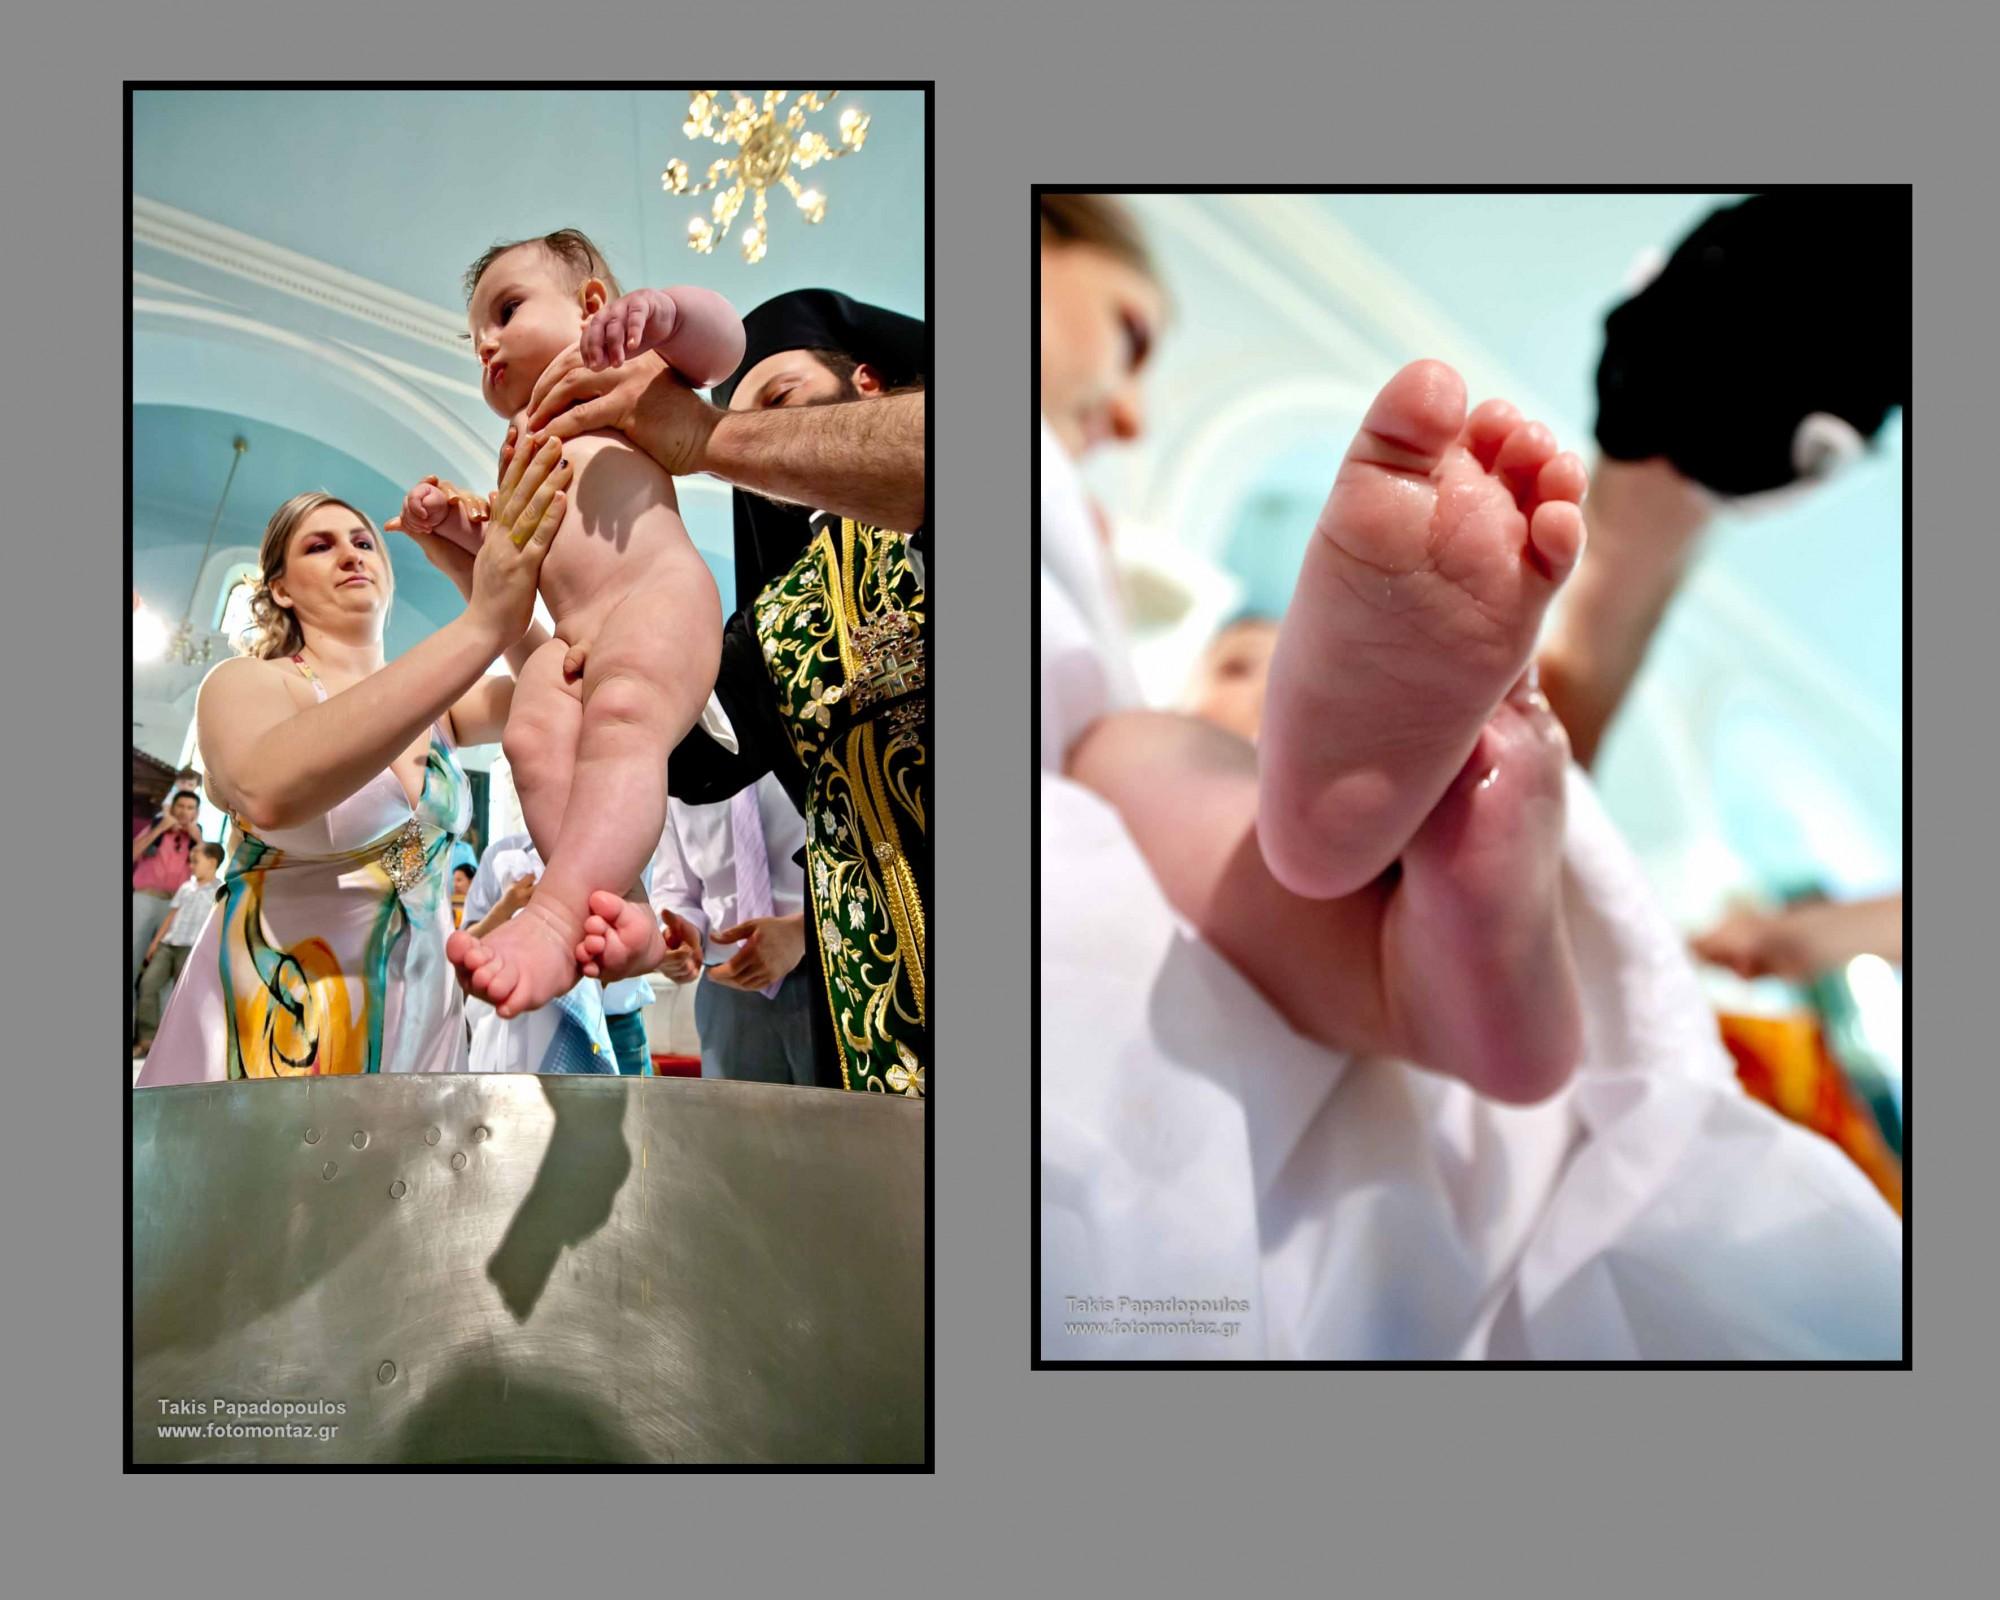 φωτογραφηση βαπτισης,φωτογραφιες βαπτισεων,φωτογραφος,αιγαλεω,αγια βαρβαρα,κορυδαλλος,νικαια,κερατσινι,πειραιας,αθηνα